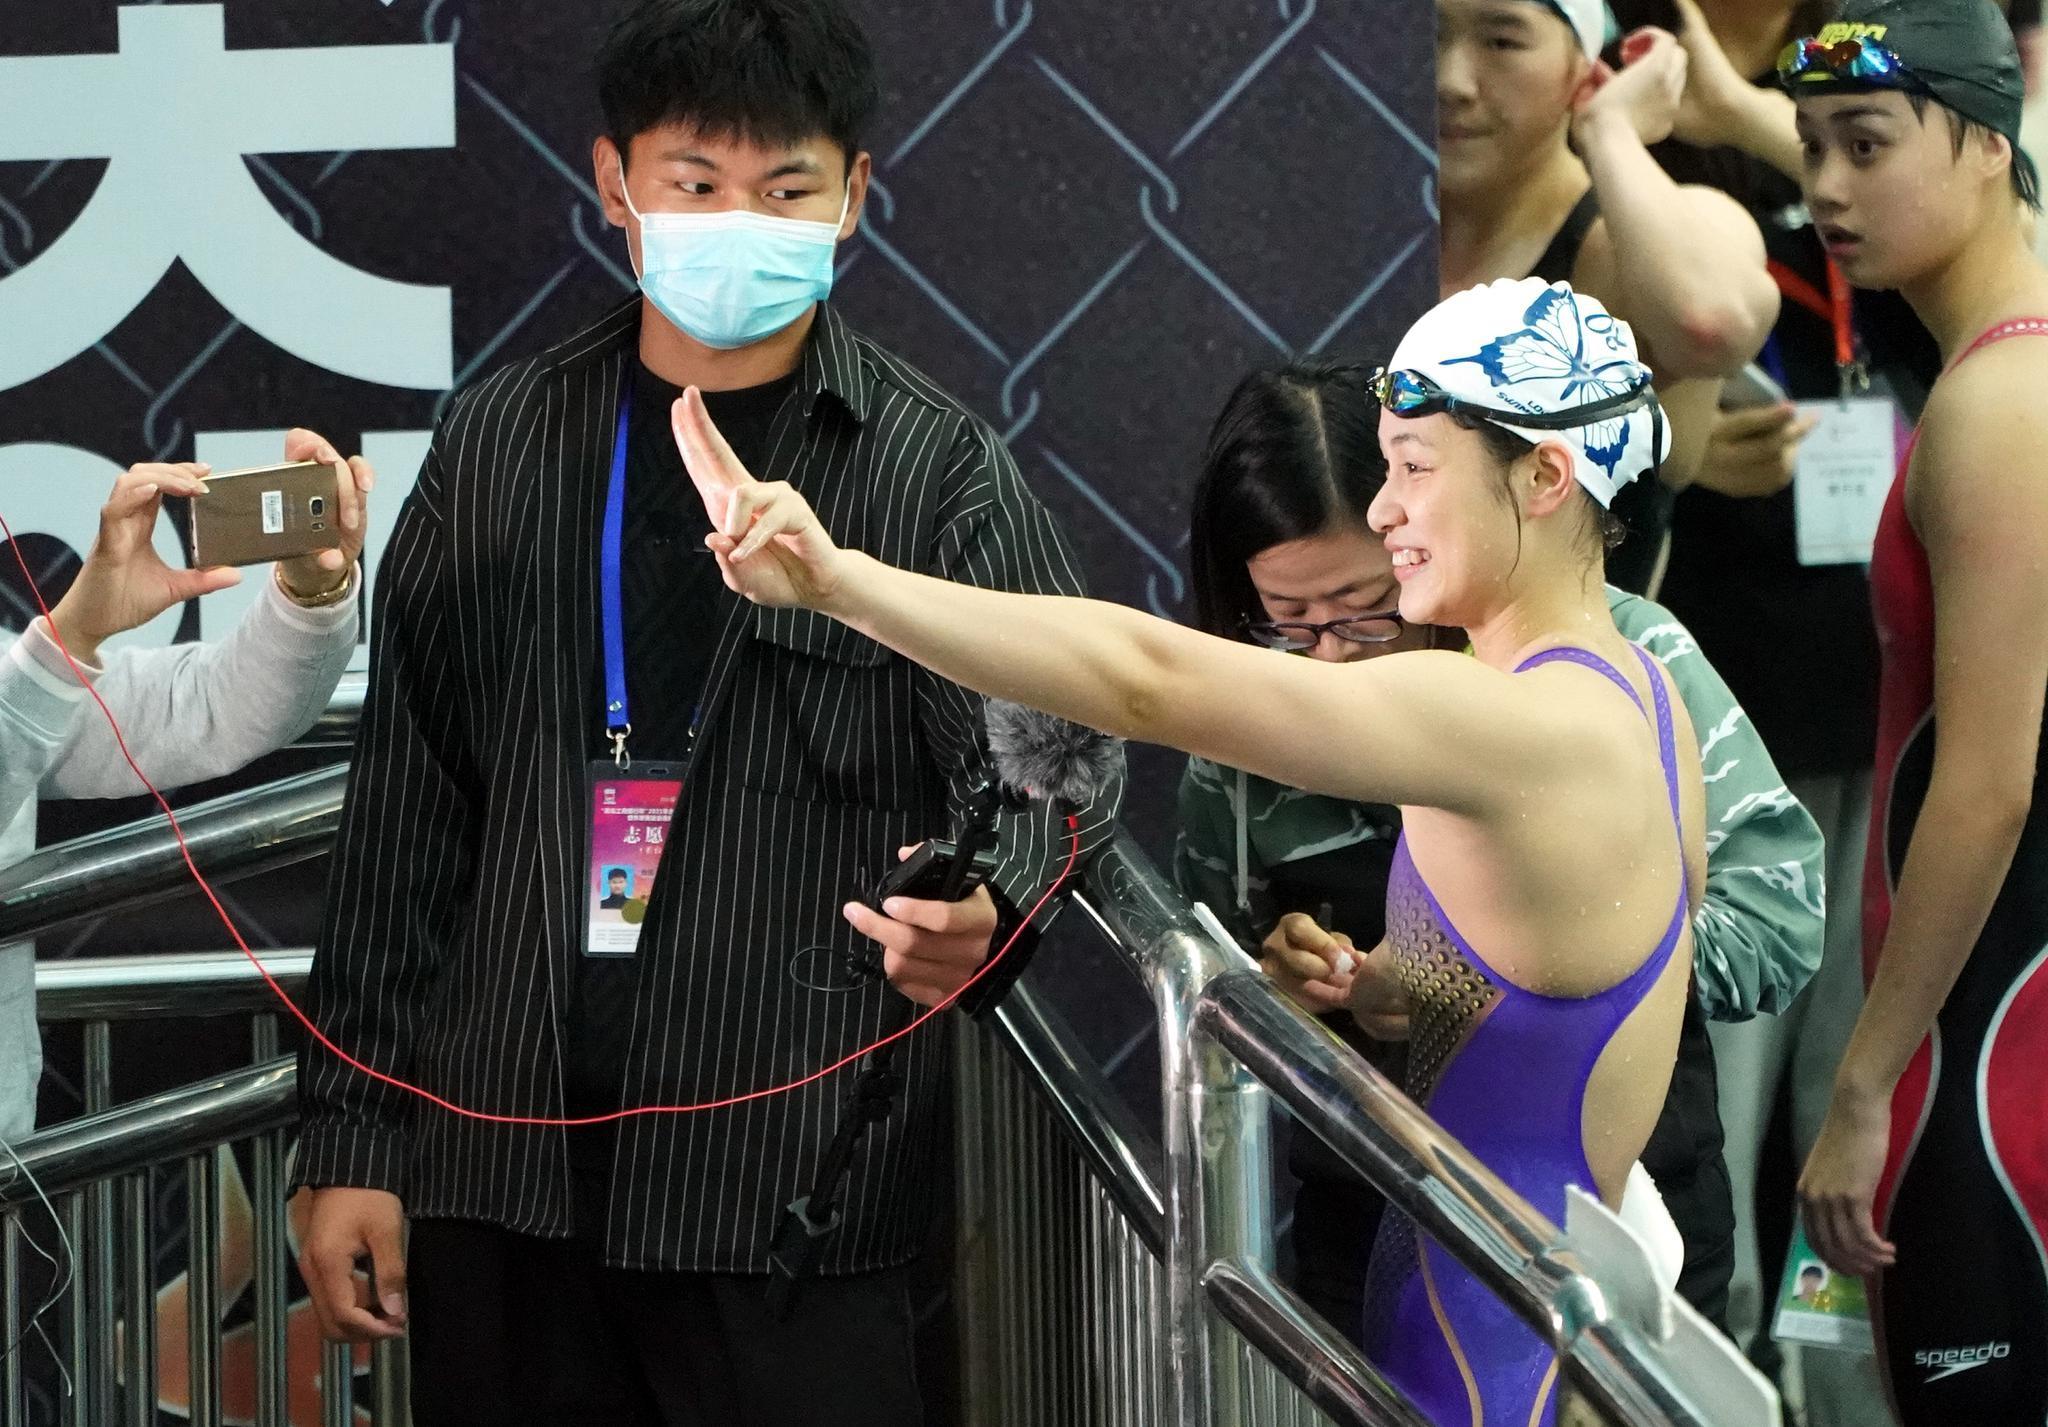 两次刷新世界青年游泳纪录,15岁余依婷正追赶偶像叶诗文